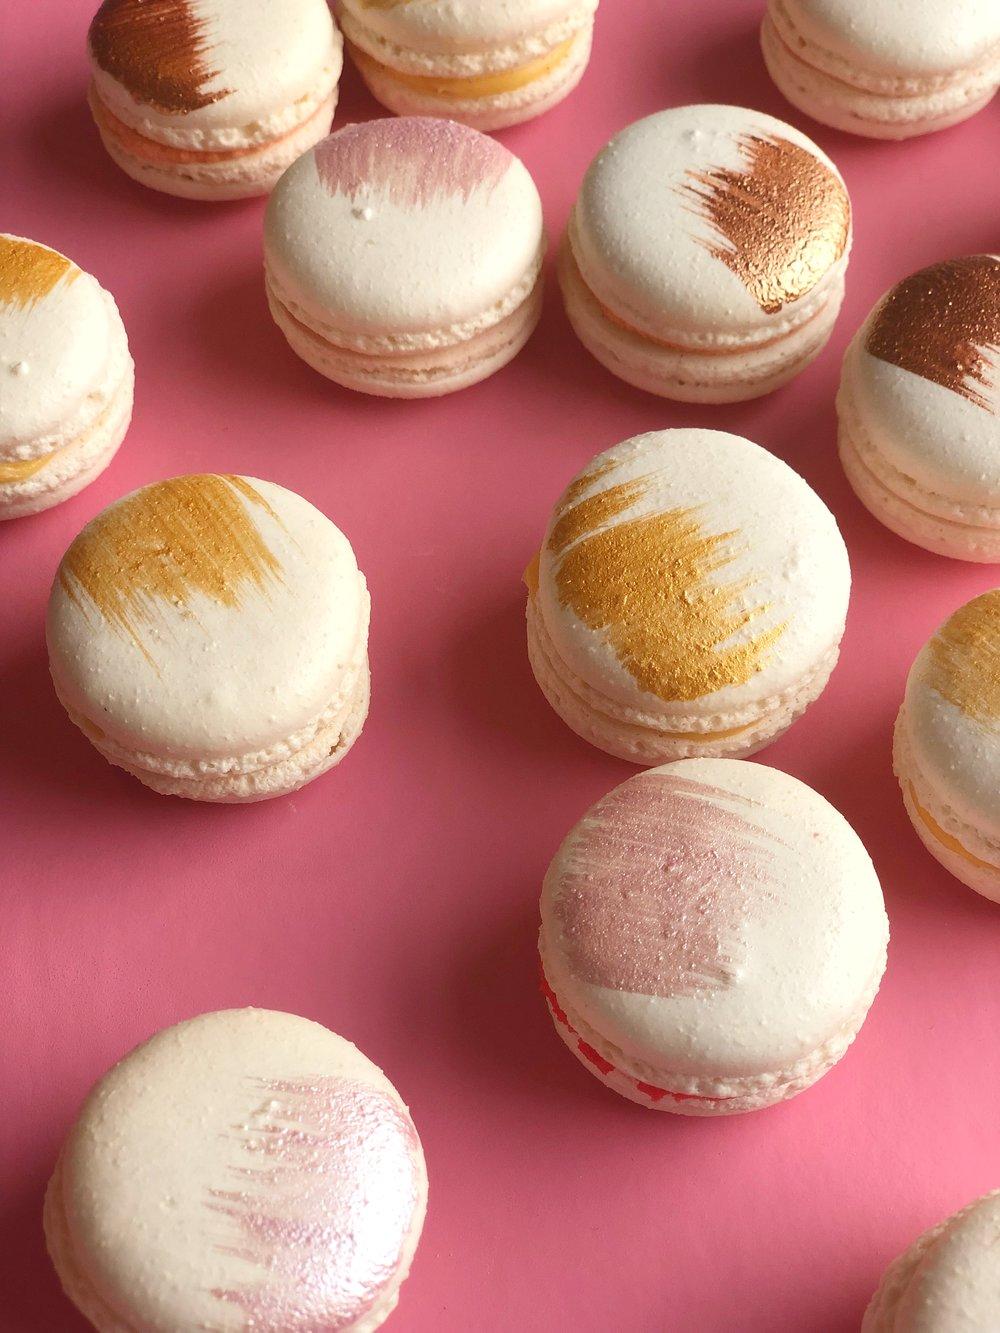 Macaron-Munching Around theWorld